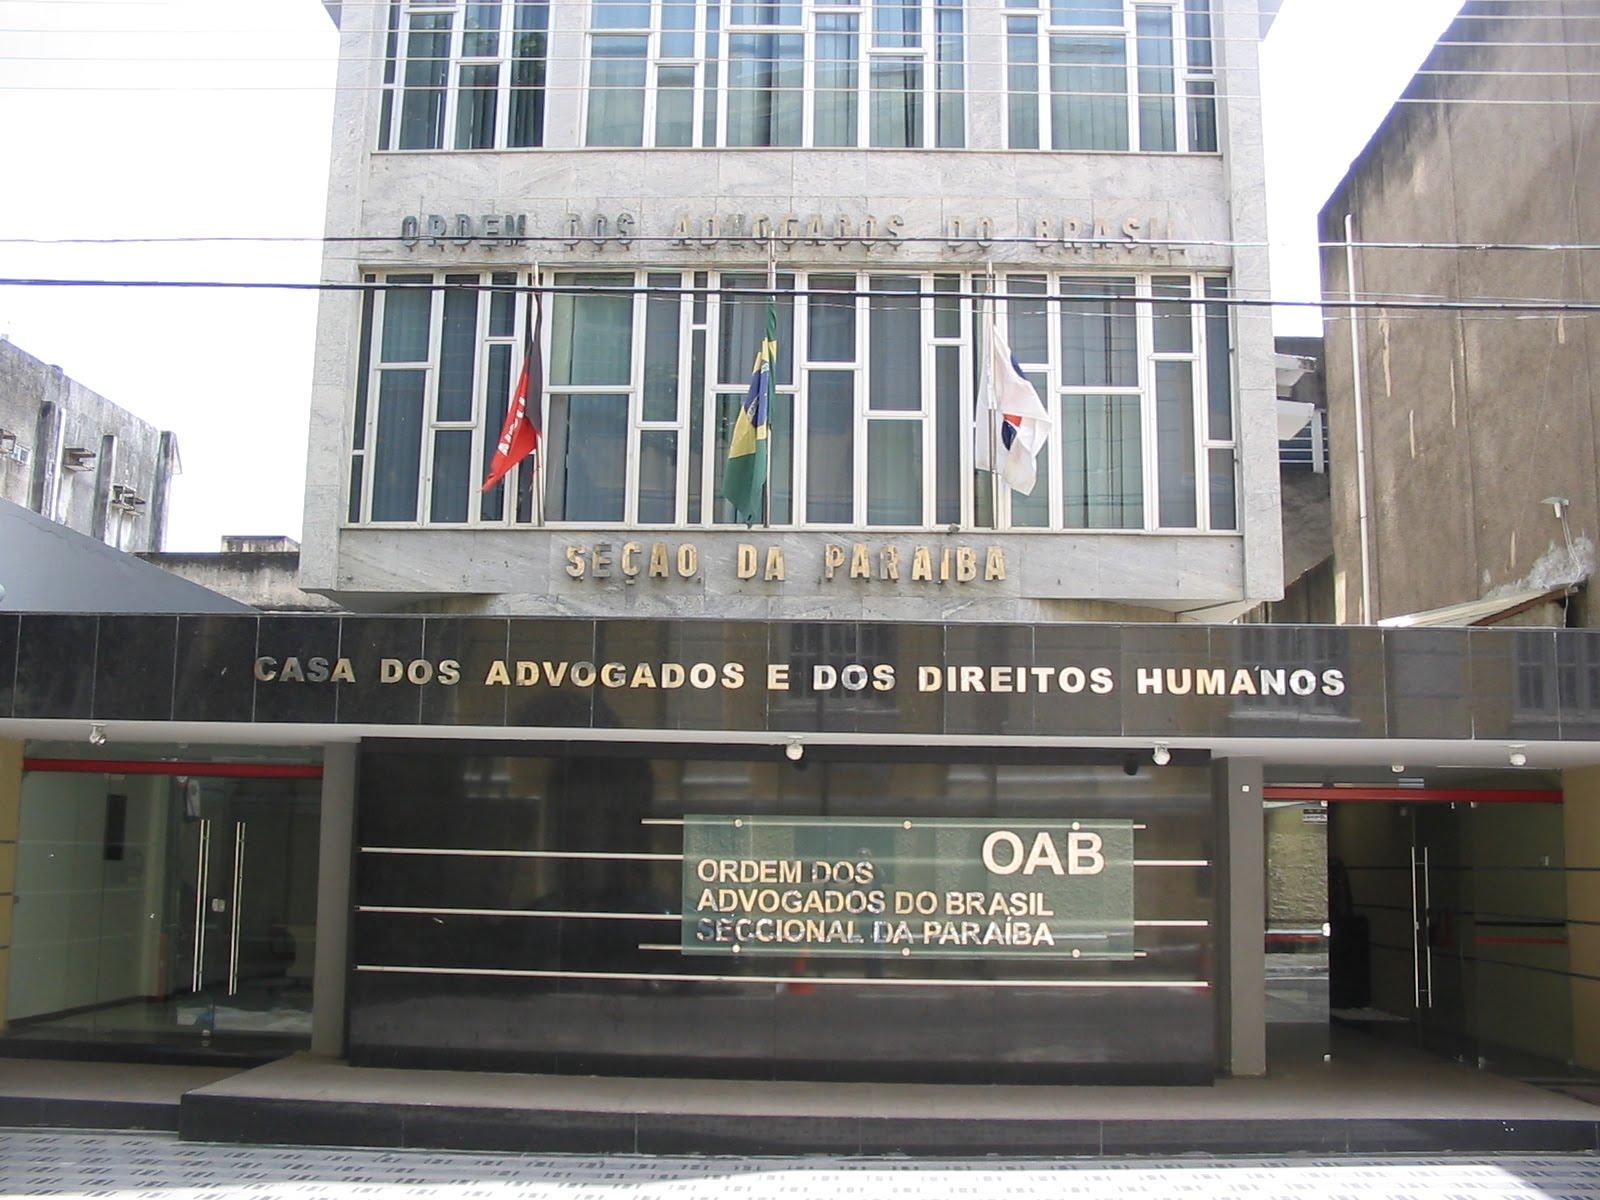 Pacote anticorrupção: OAB-PB se posiciona contra protesto de juízes e promotores em horário de expediente